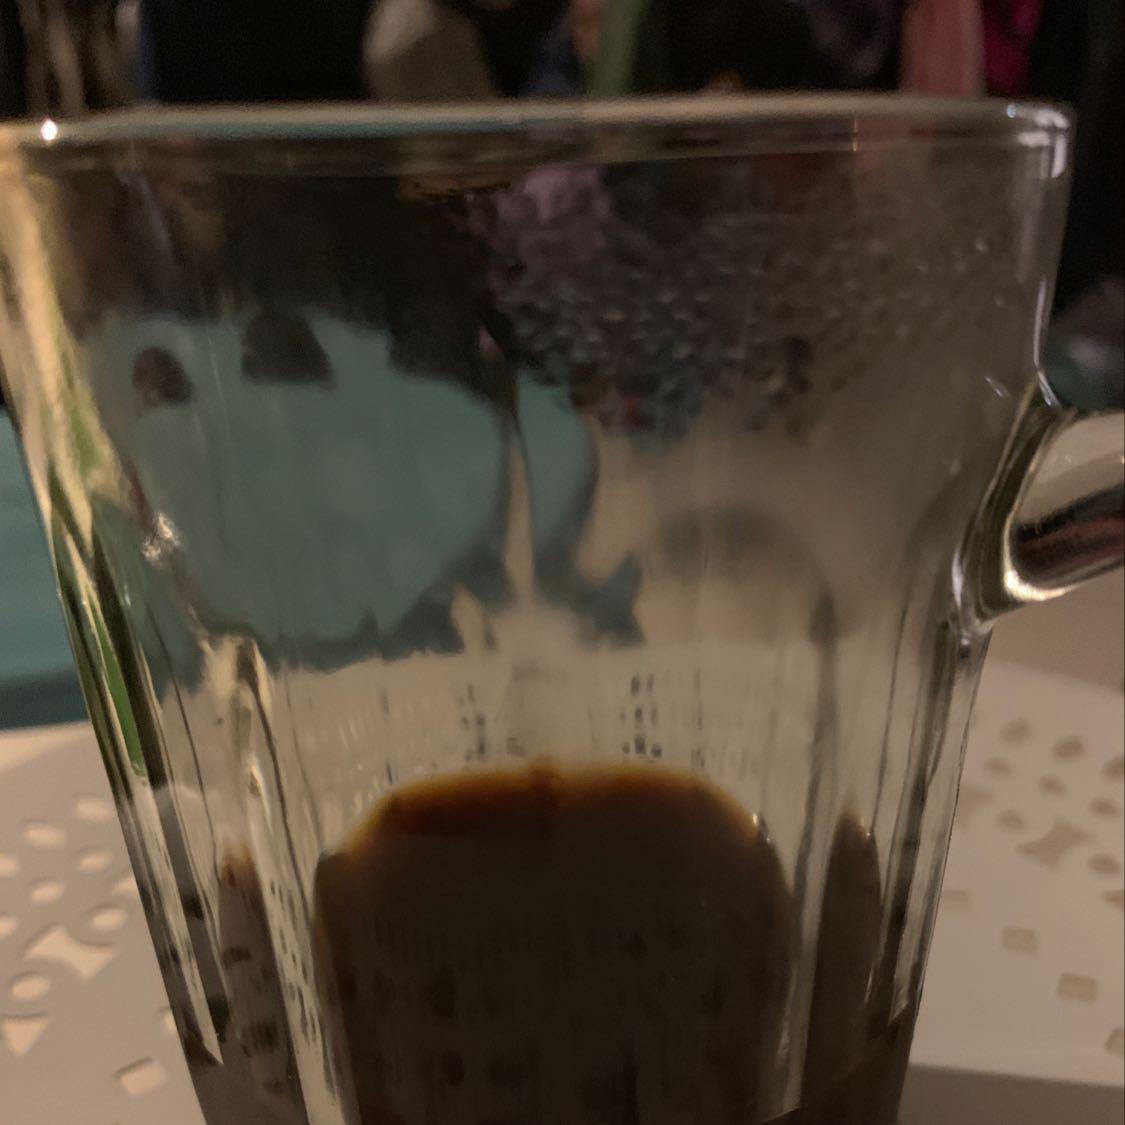 Ini kopi saya hari ini. Mana foto kopi Anda? Ayo kirim melalui aplikasi kesayangan kita ini..